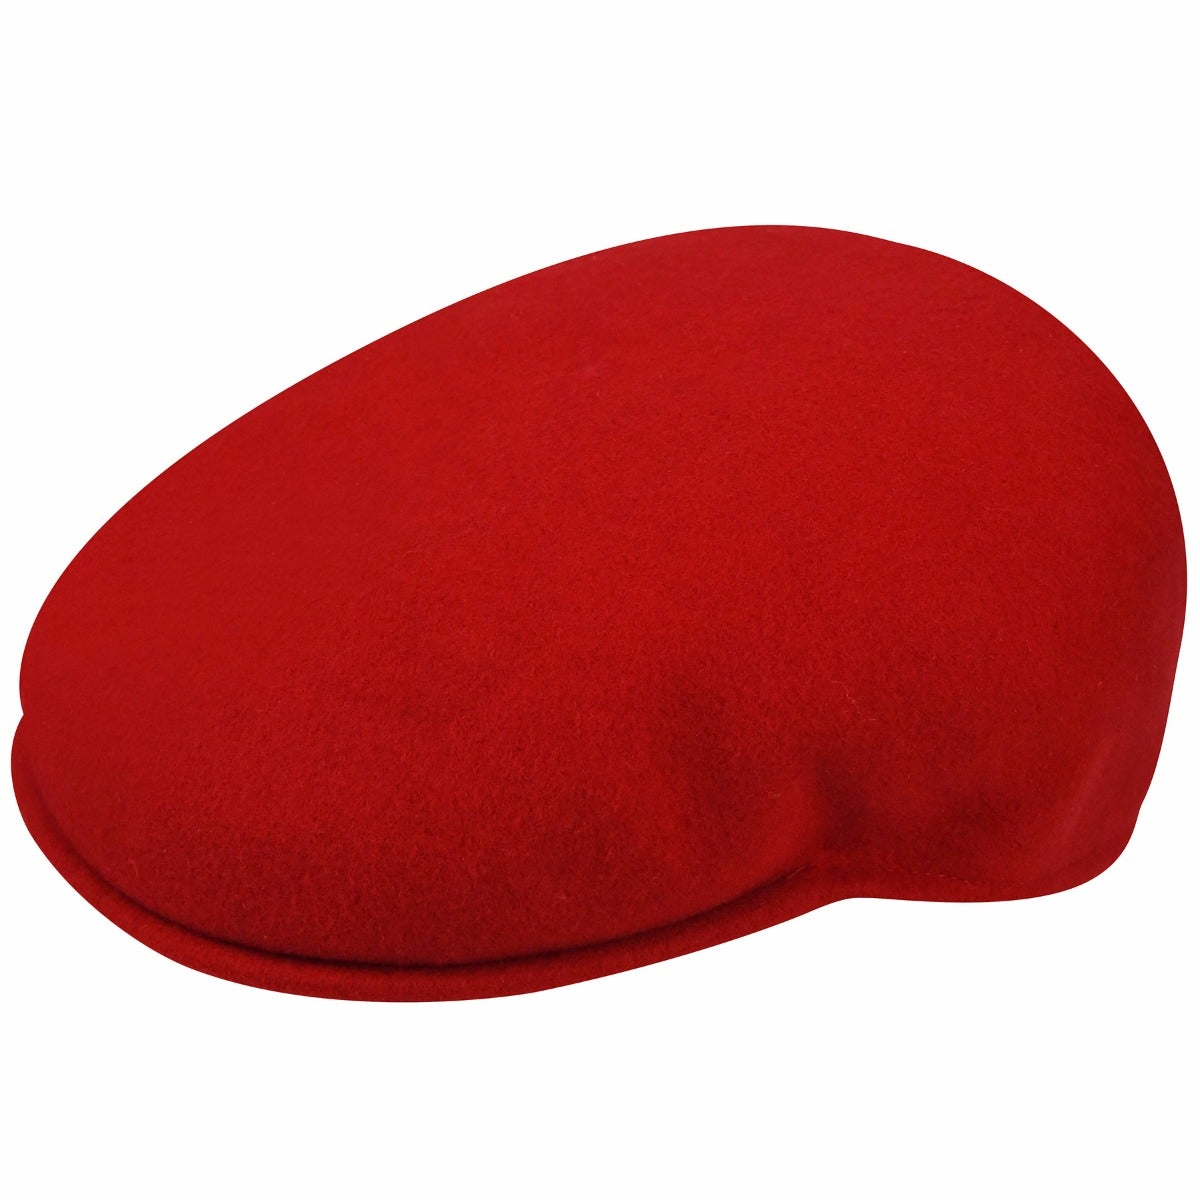 Kangol USA Wool 504 in Red